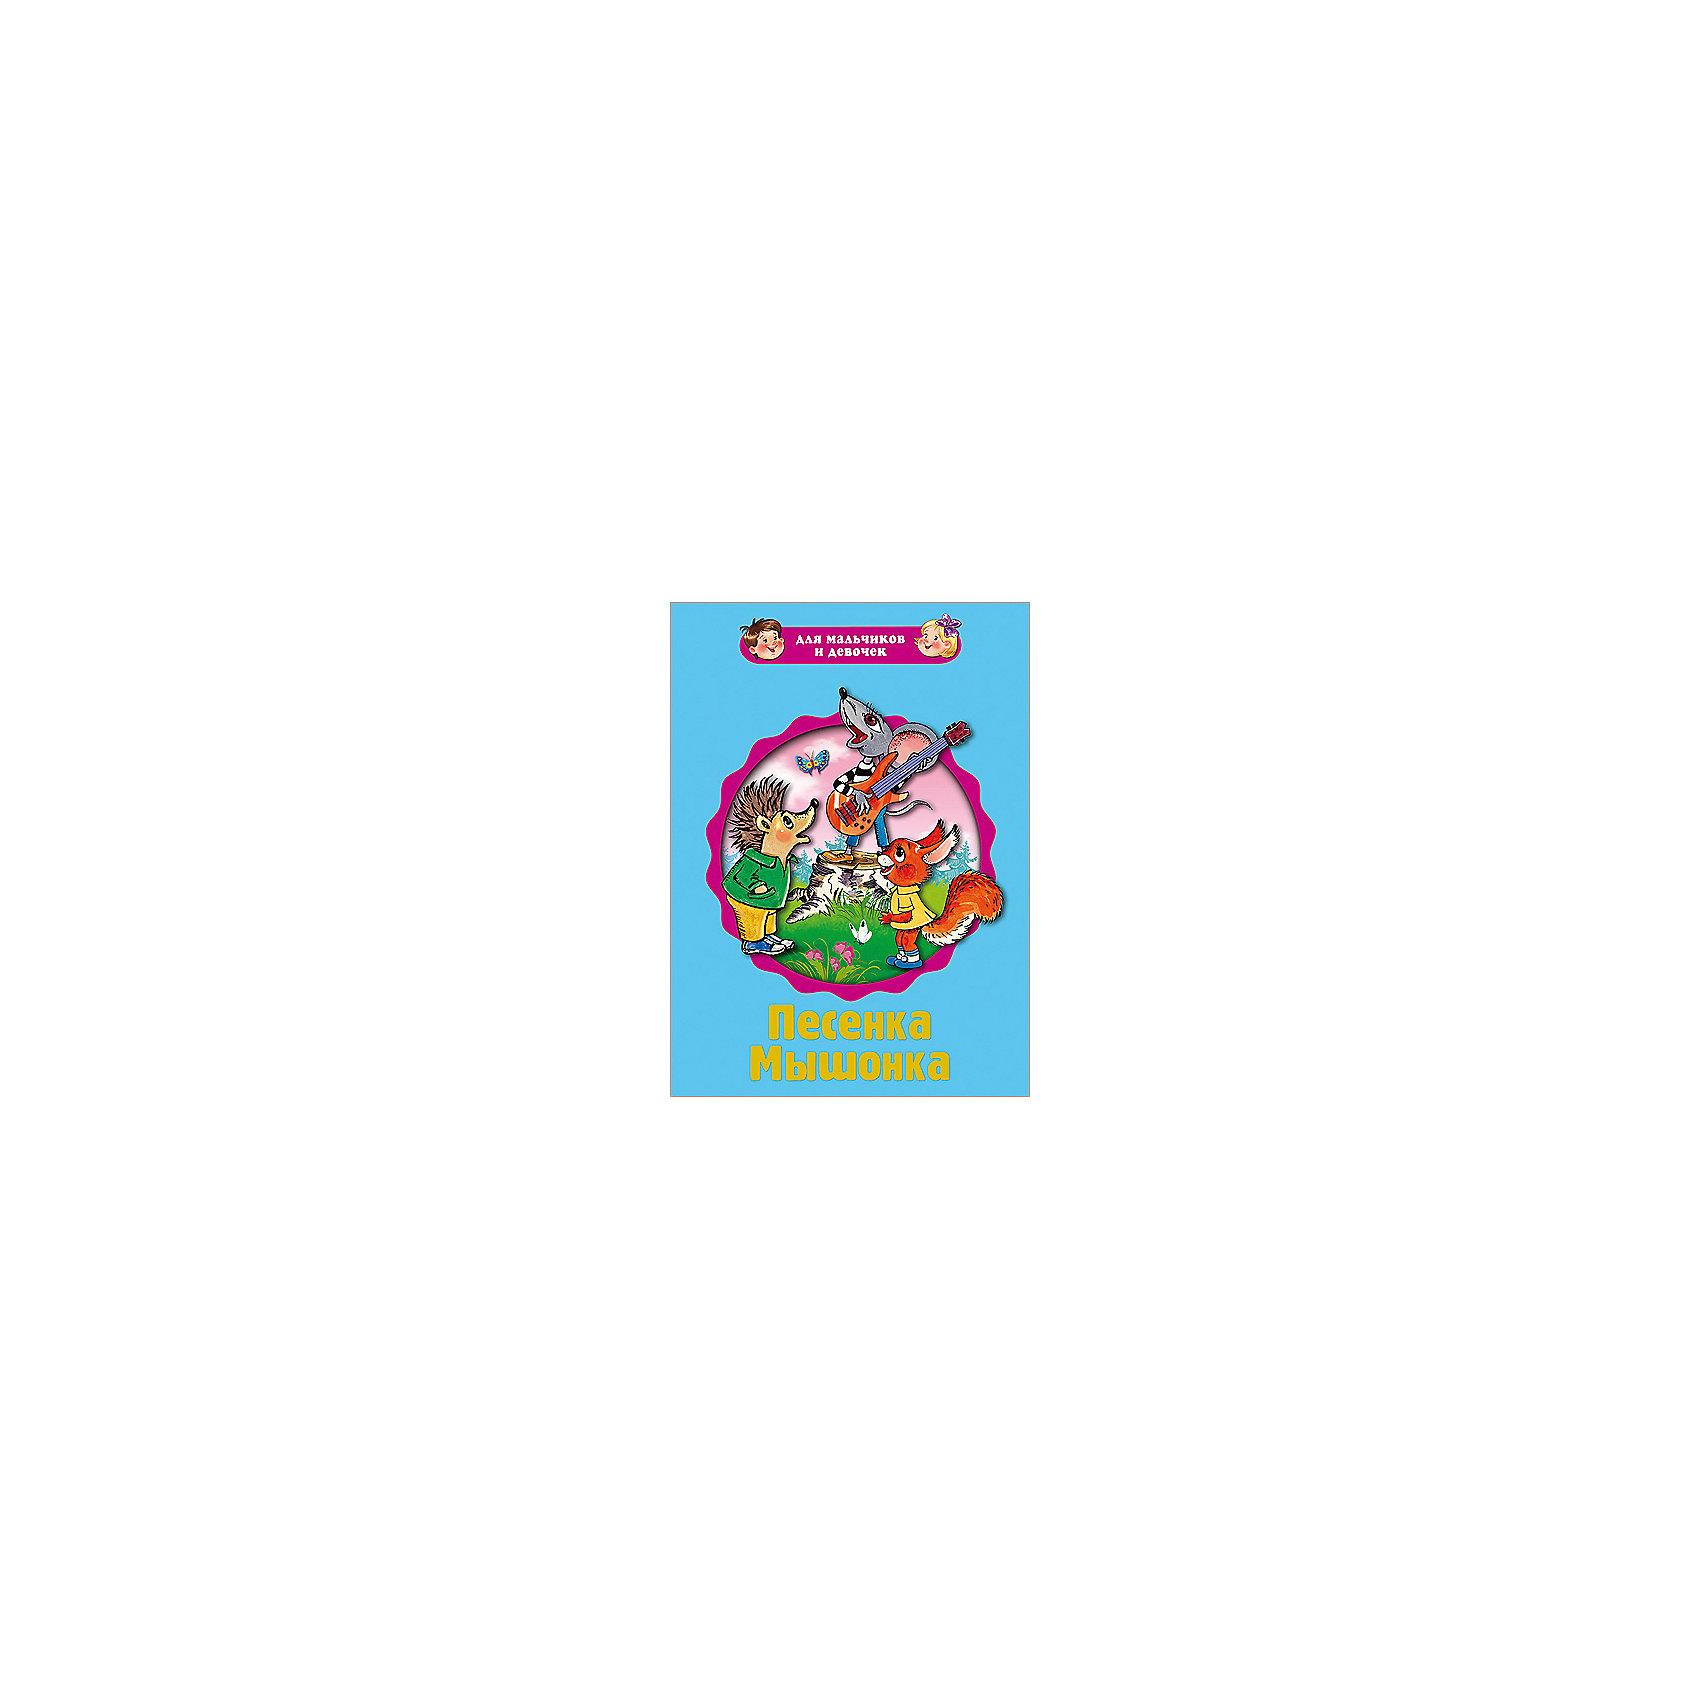 Для мальчиков и девочек. Песенка мышонкаСказки, рассказы, стихи<br>Песенка мышонка - замечательная книга для маленьких читателей. Красивые иллюстрации, плотная обложка и удобный формат привлекут внимание ребенка, и он с удовольствием будет слушать интересные сказки, перелистывая странички самостоятельно. Подарите ребенку радость чтения!<br>Дополнительная информация:<br>Издательство: Проф-Пресс<br>Год выпуска: 2016<br>Серия: Книжки на картоне Для мальчиков и девочек<br>Обложка: твердый переплет<br>Иллюстрации: цветные<br>Количество страниц: 10<br>ISBN:978-5-378-21214-9<br>Размер: 19х1,2х16,5 см<br>Вес: 285 грамм<br>Книгу Песенка мышонка можно приобрести в нашем интернет-магазине.<br><br>Ширина мм: 165<br>Глубина мм: 12<br>Высота мм: 190<br>Вес г: 285<br>Возраст от месяцев: 0<br>Возраст до месяцев: 36<br>Пол: Унисекс<br>Возраст: Детский<br>SKU: 4905903